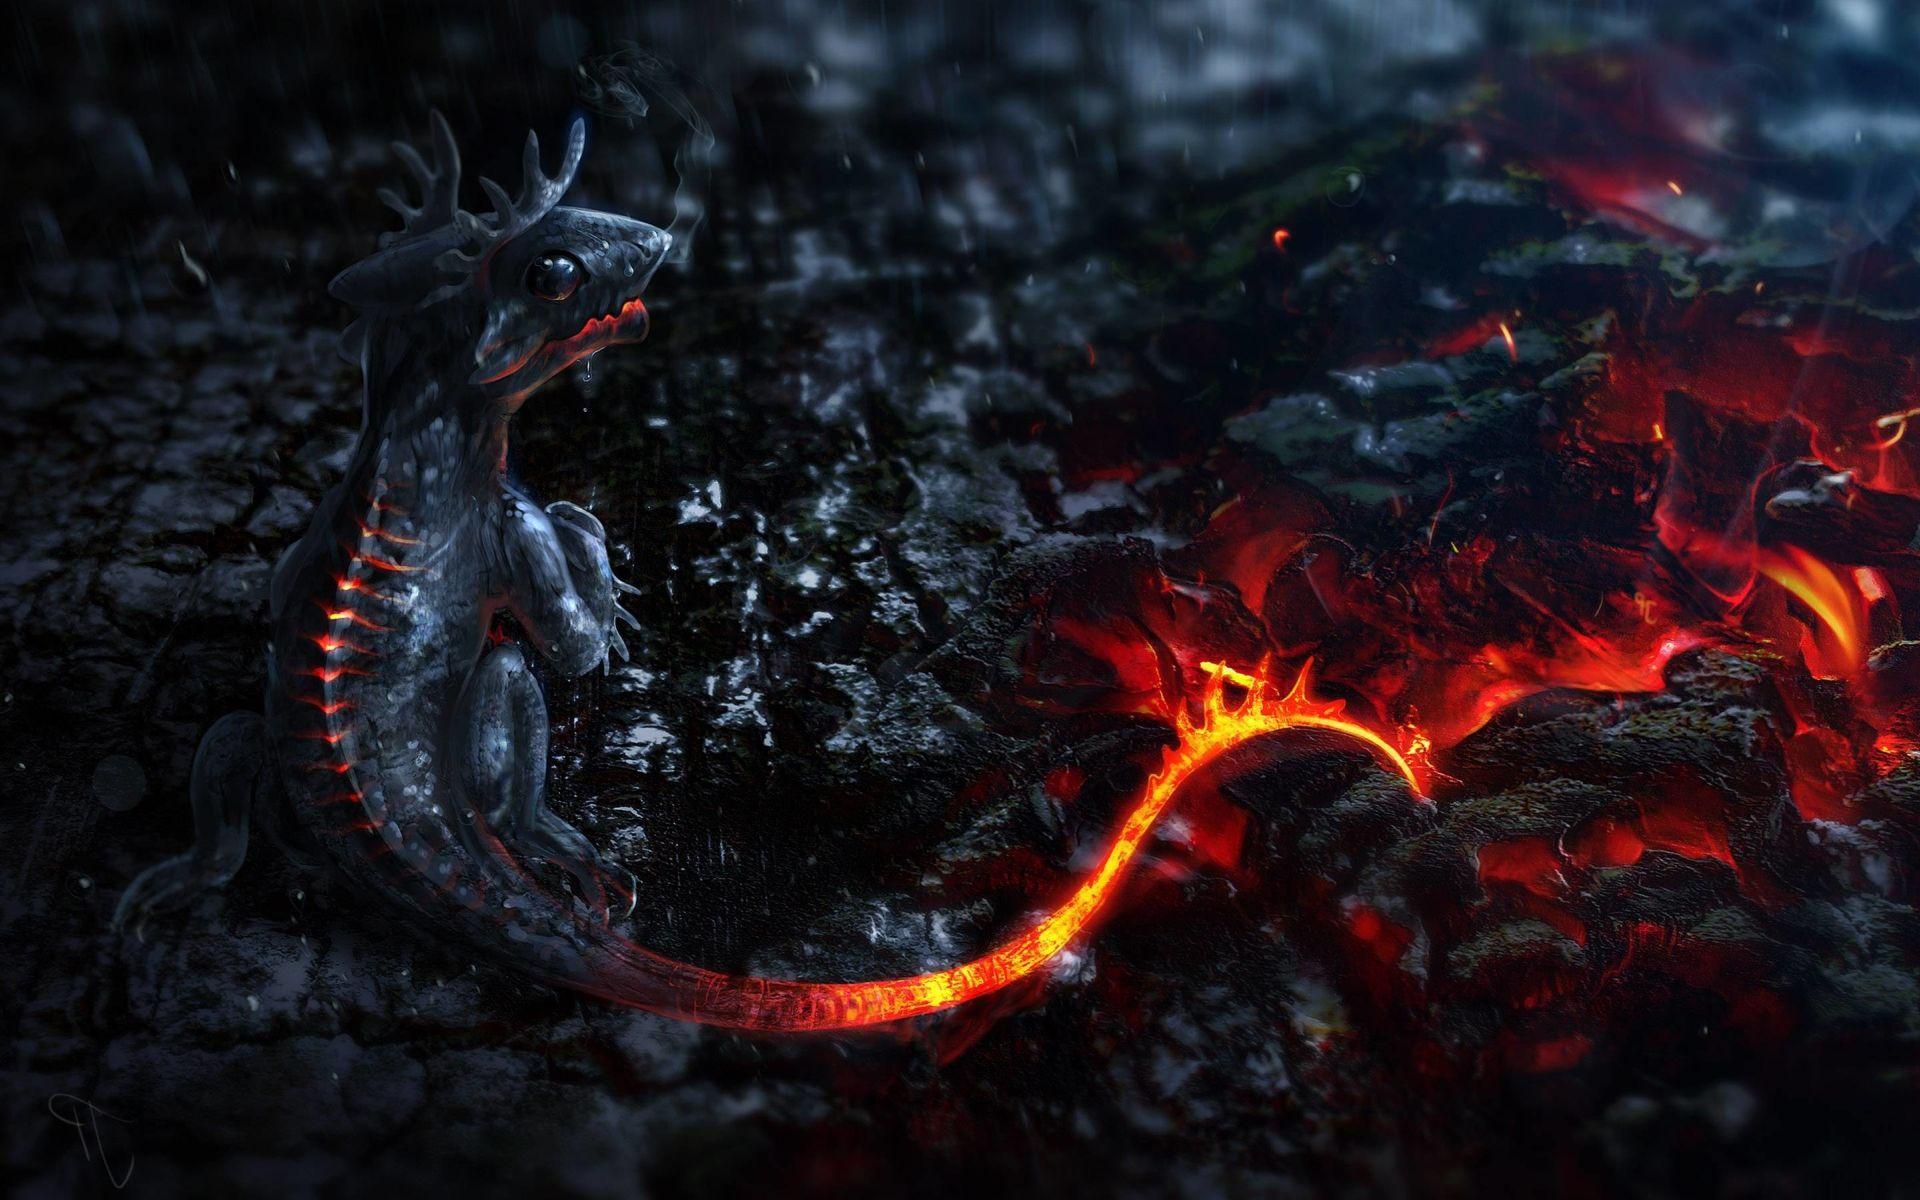 wallpaper dragon 3d